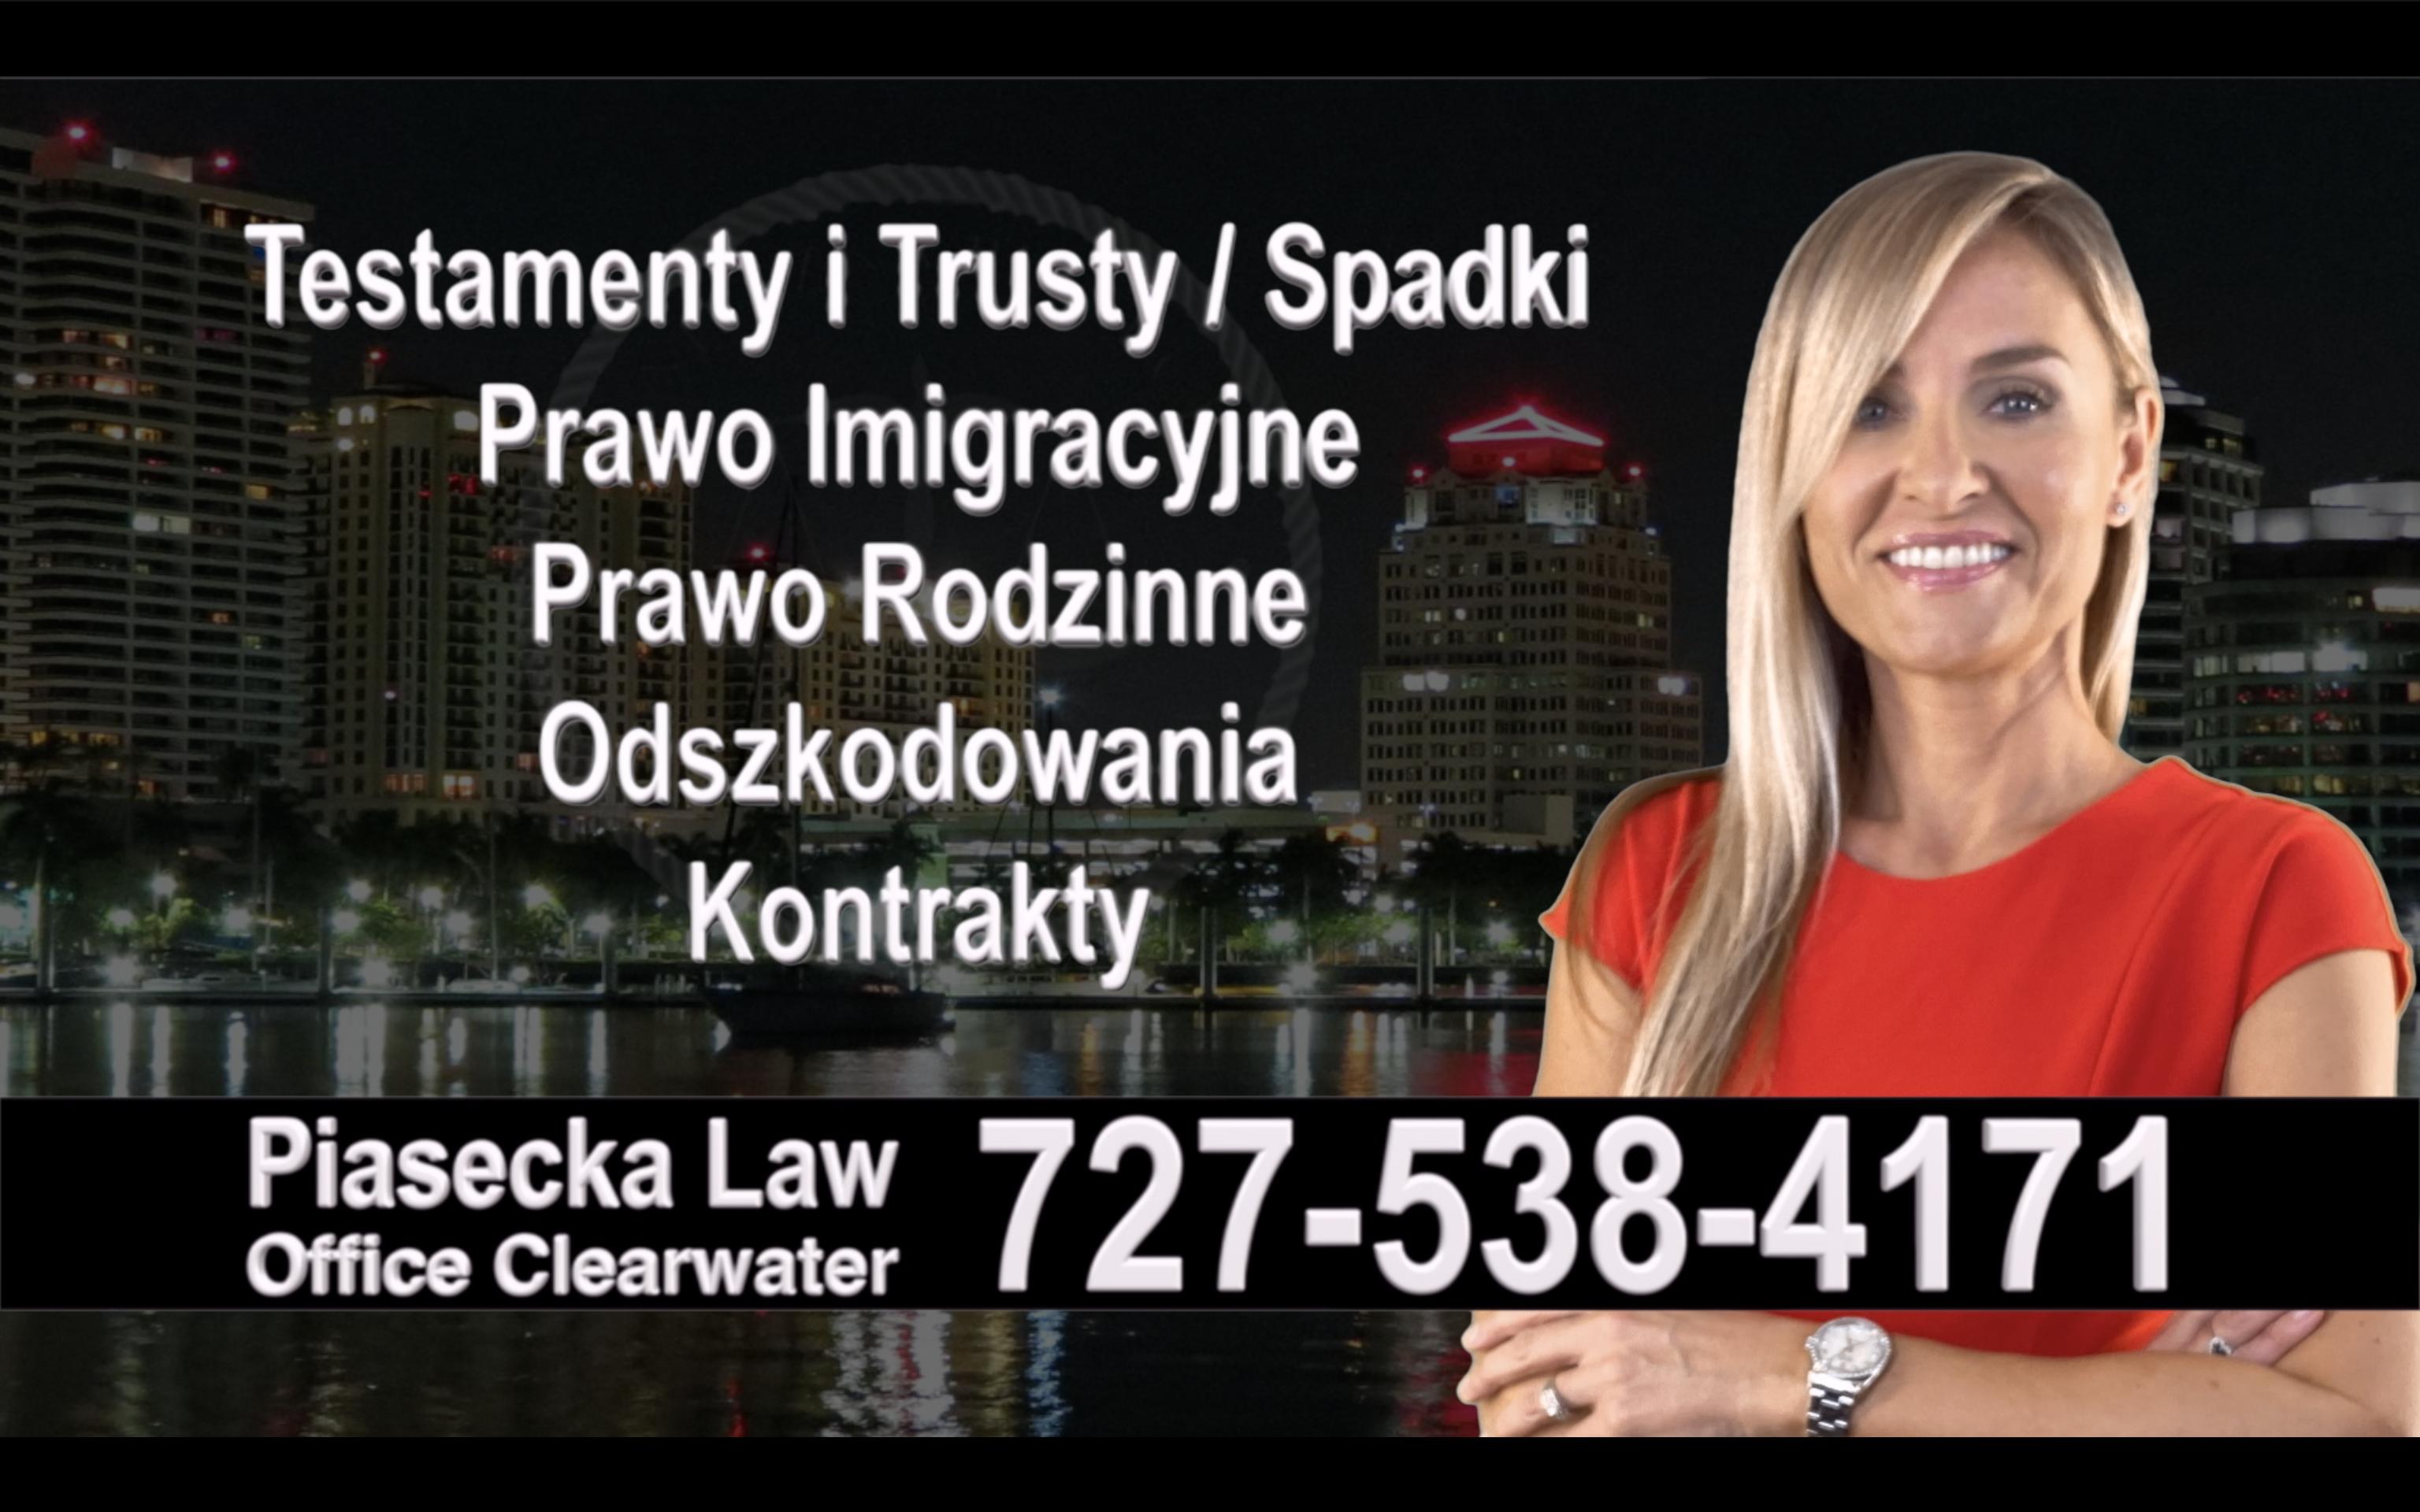 Englewood Polski, Prawnik, Adwokat, Testamenty, Trusty, Testament, Trust, Prawo, Spadkowe, Imigracyjne, Rodzinne, Rozwód, Wypadki, Agnieszka Piasecka